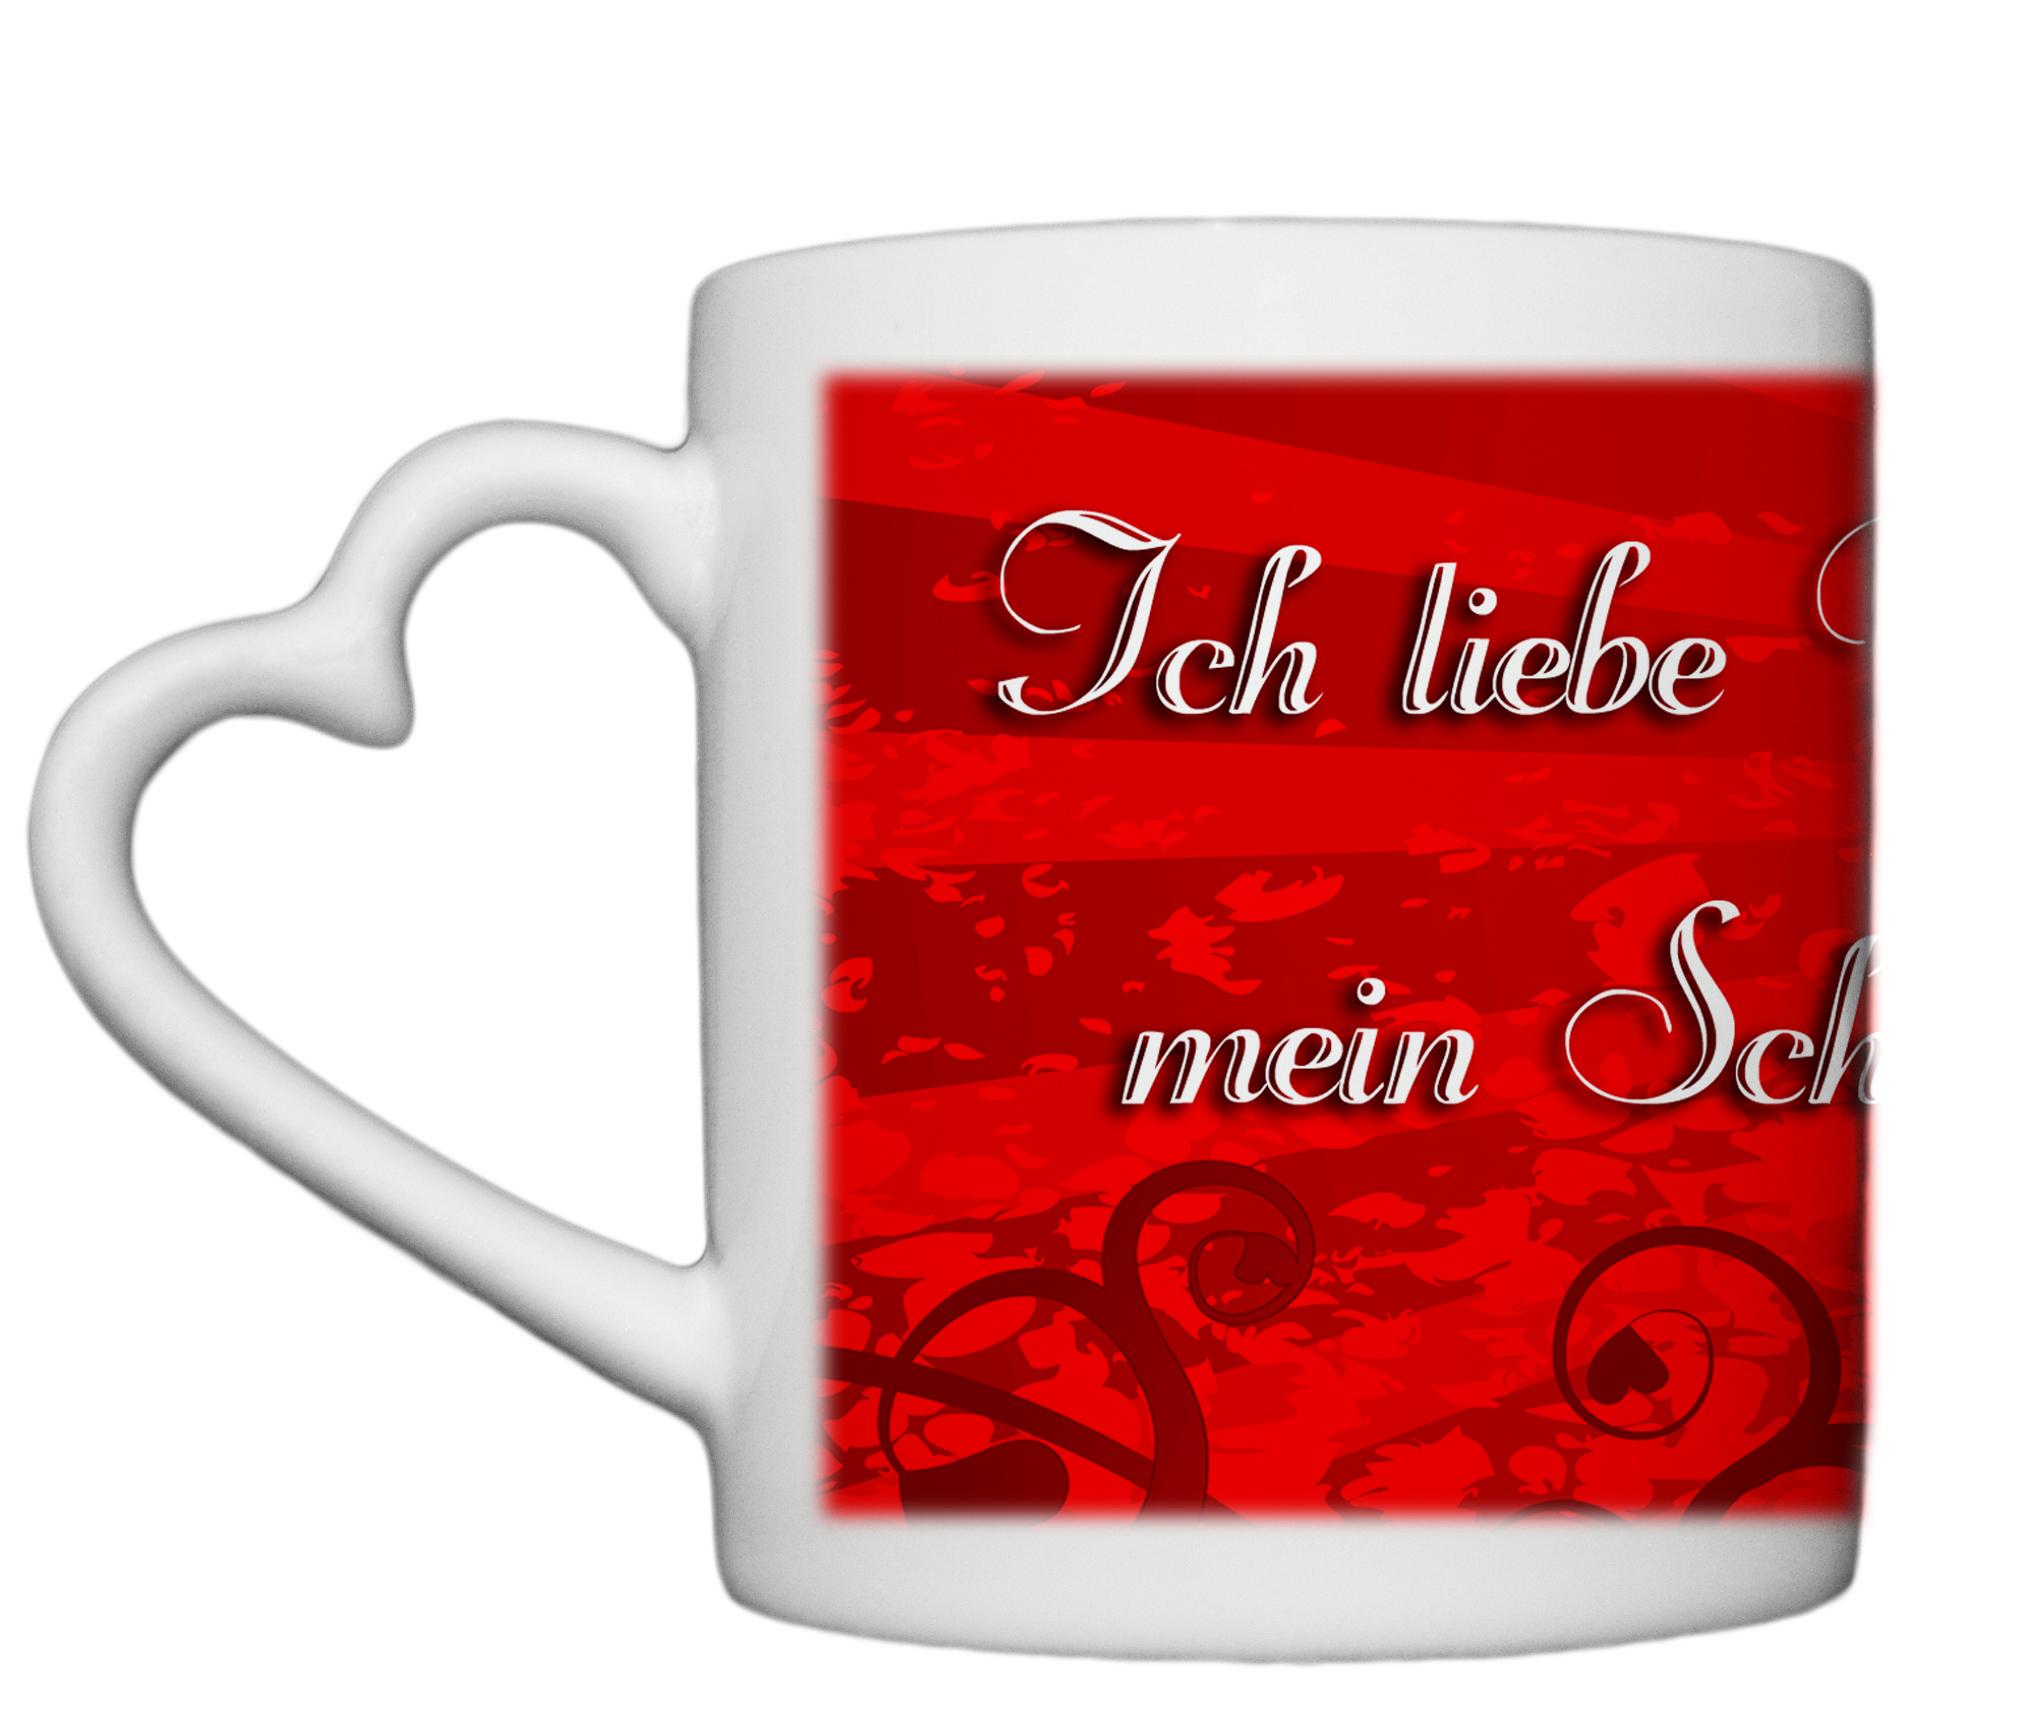 Schatz liebes mein bilder für Süße Sprüche: